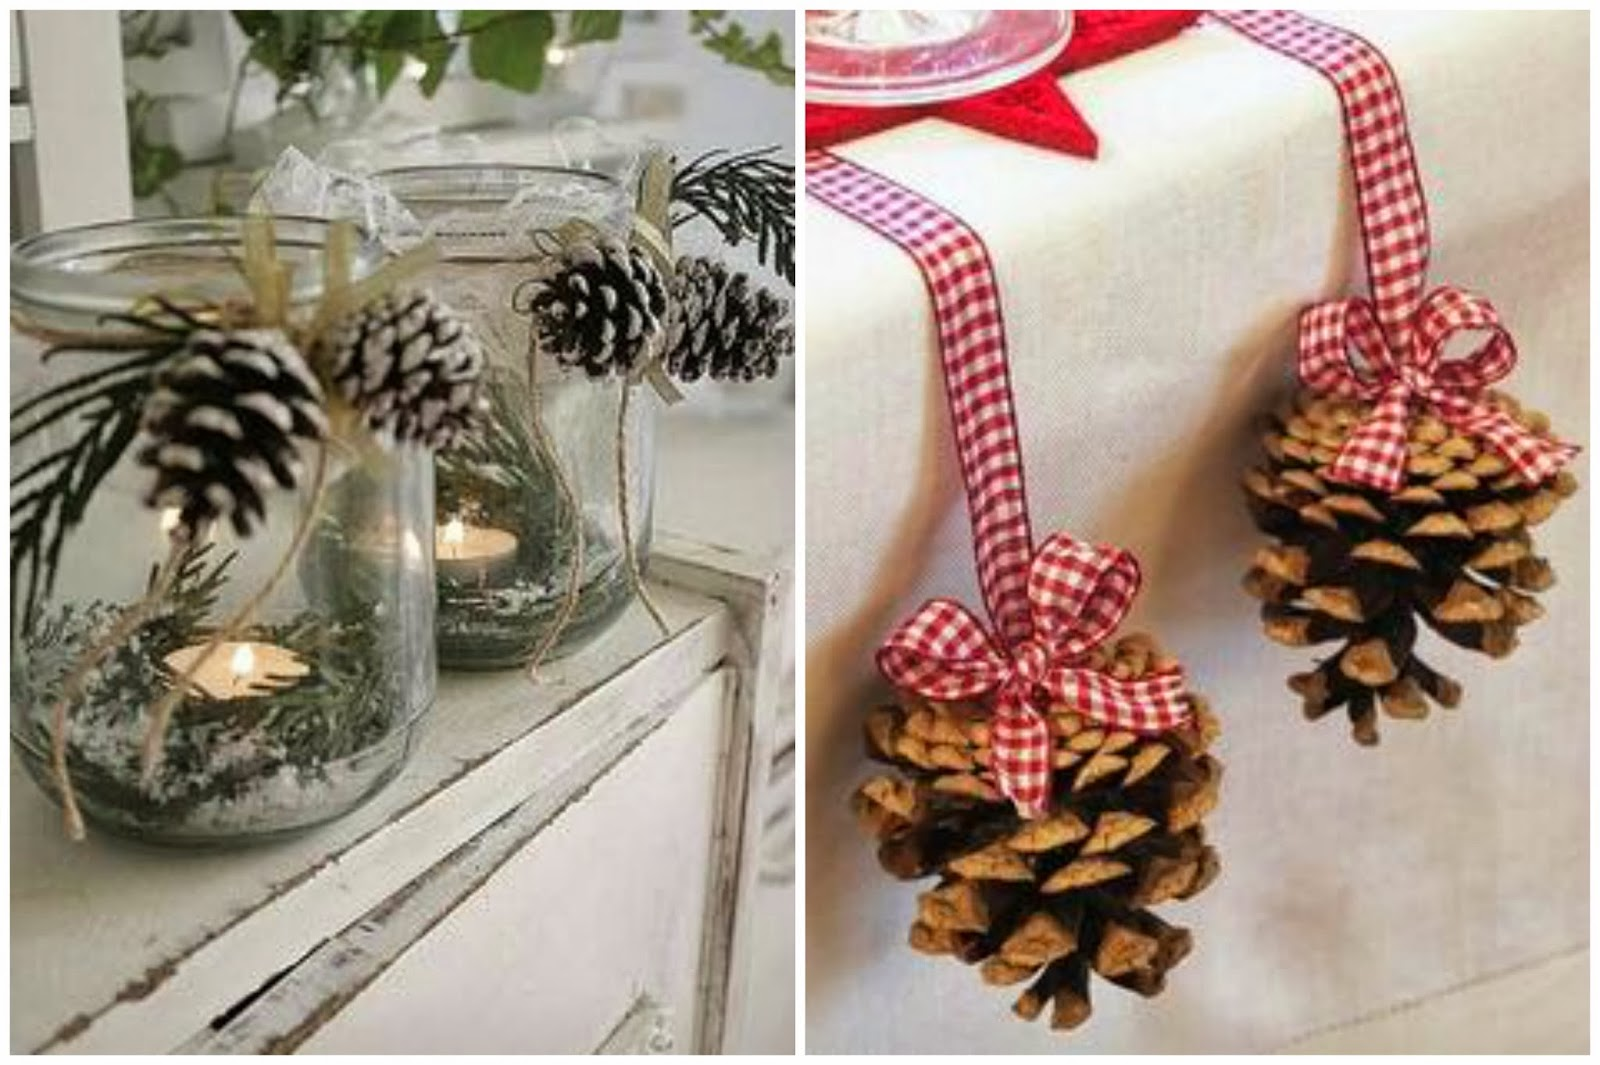 Amoriosdelamoda diy ideas para navidad - Como hacer cosas para navidad ...